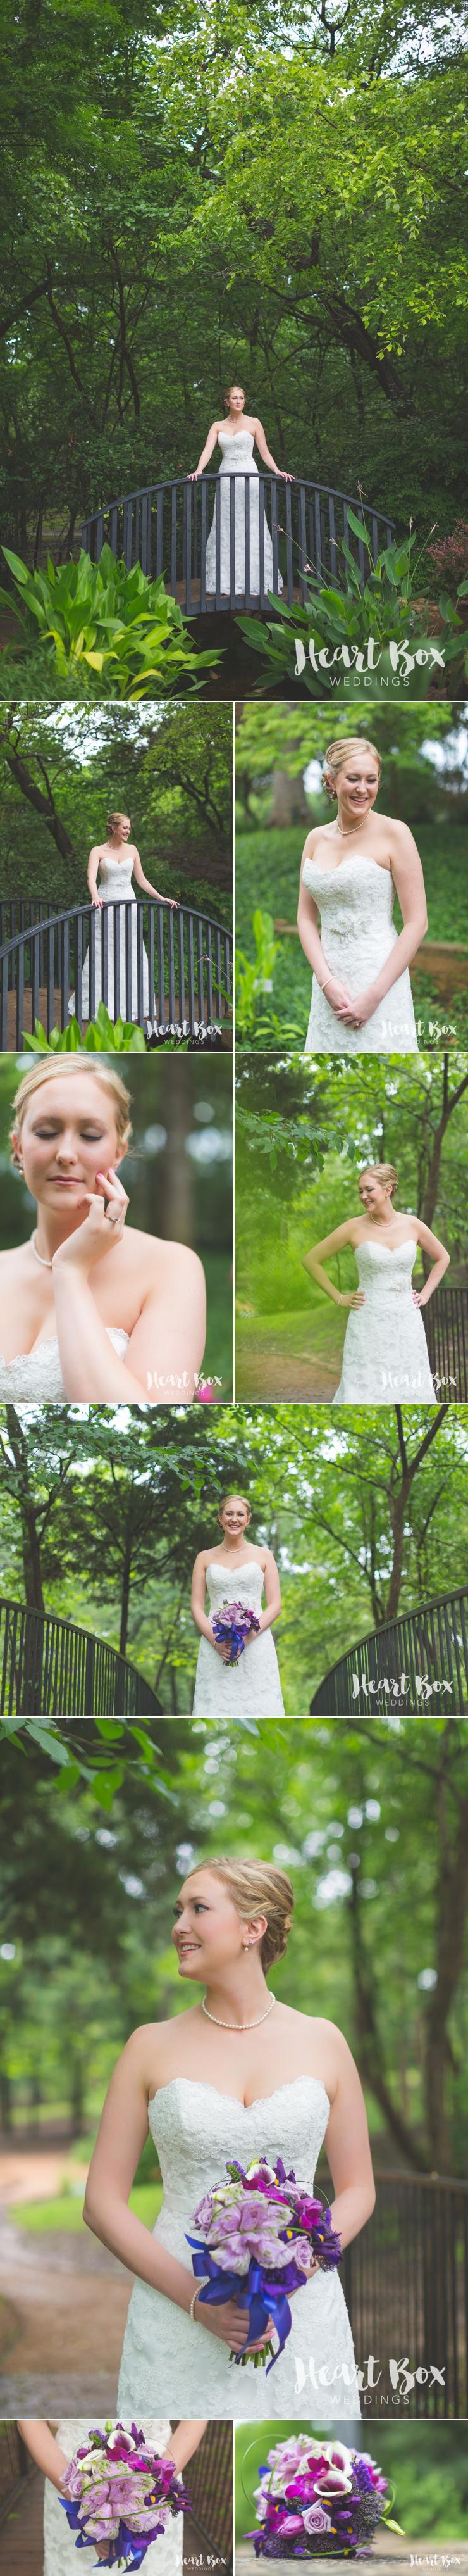 Kayla Bridal Blog Collage 1.jpg